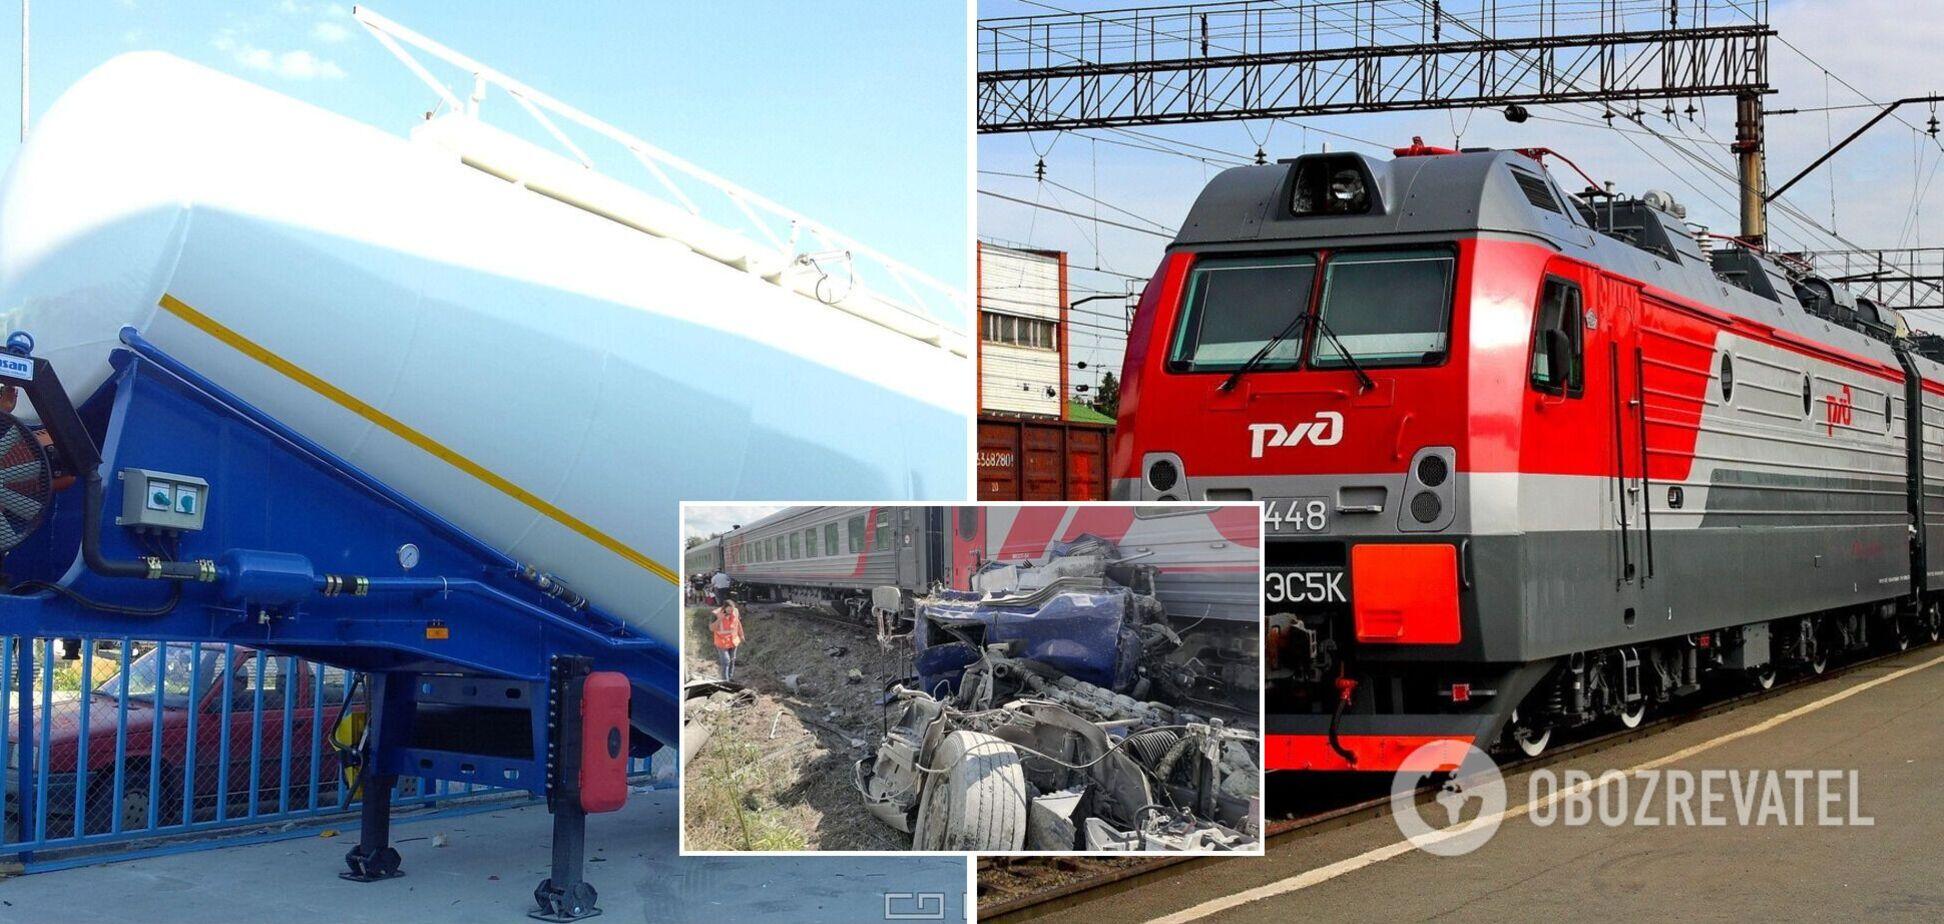 В России поезд раздавил цементовоз и сошел с рельсов: водитель погиб. Фото